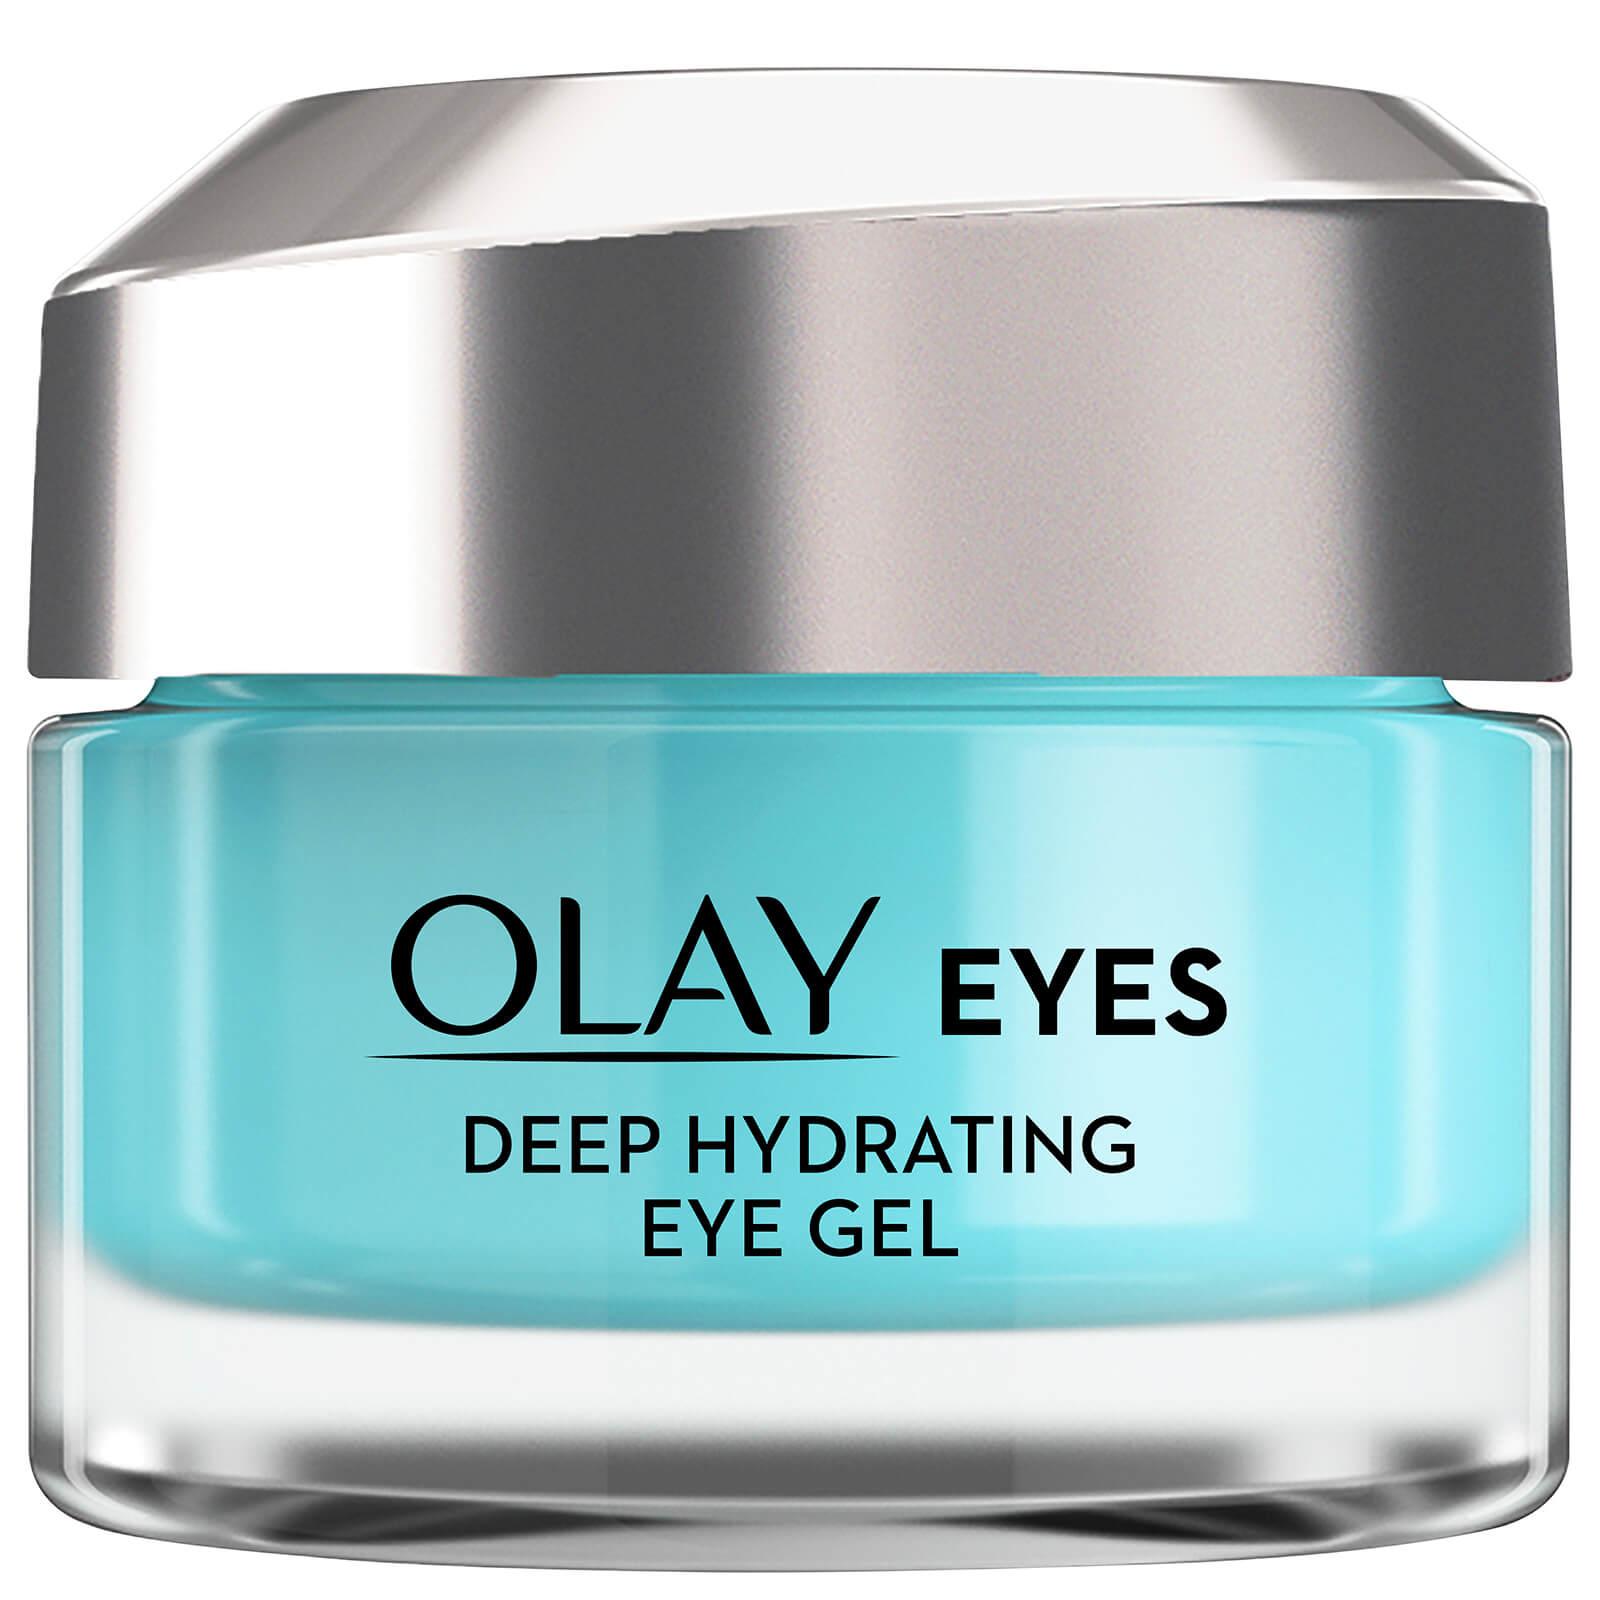 Купить Olay Eyes Deep Hydrating Hyaluronic Acid Eye Gel for Tired and Dry Eyes 15ml